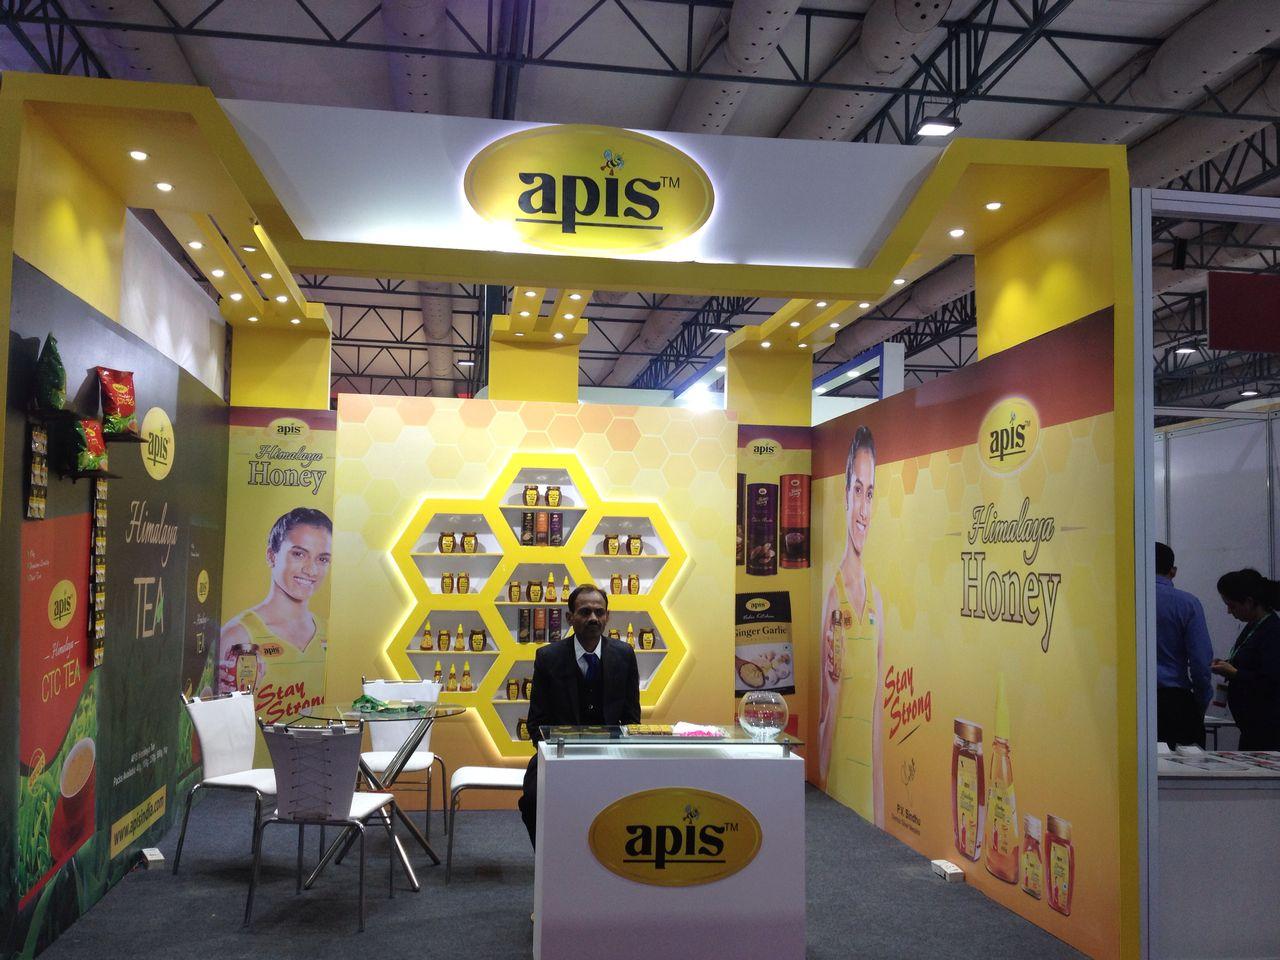 Apis India at India Food Forum 2